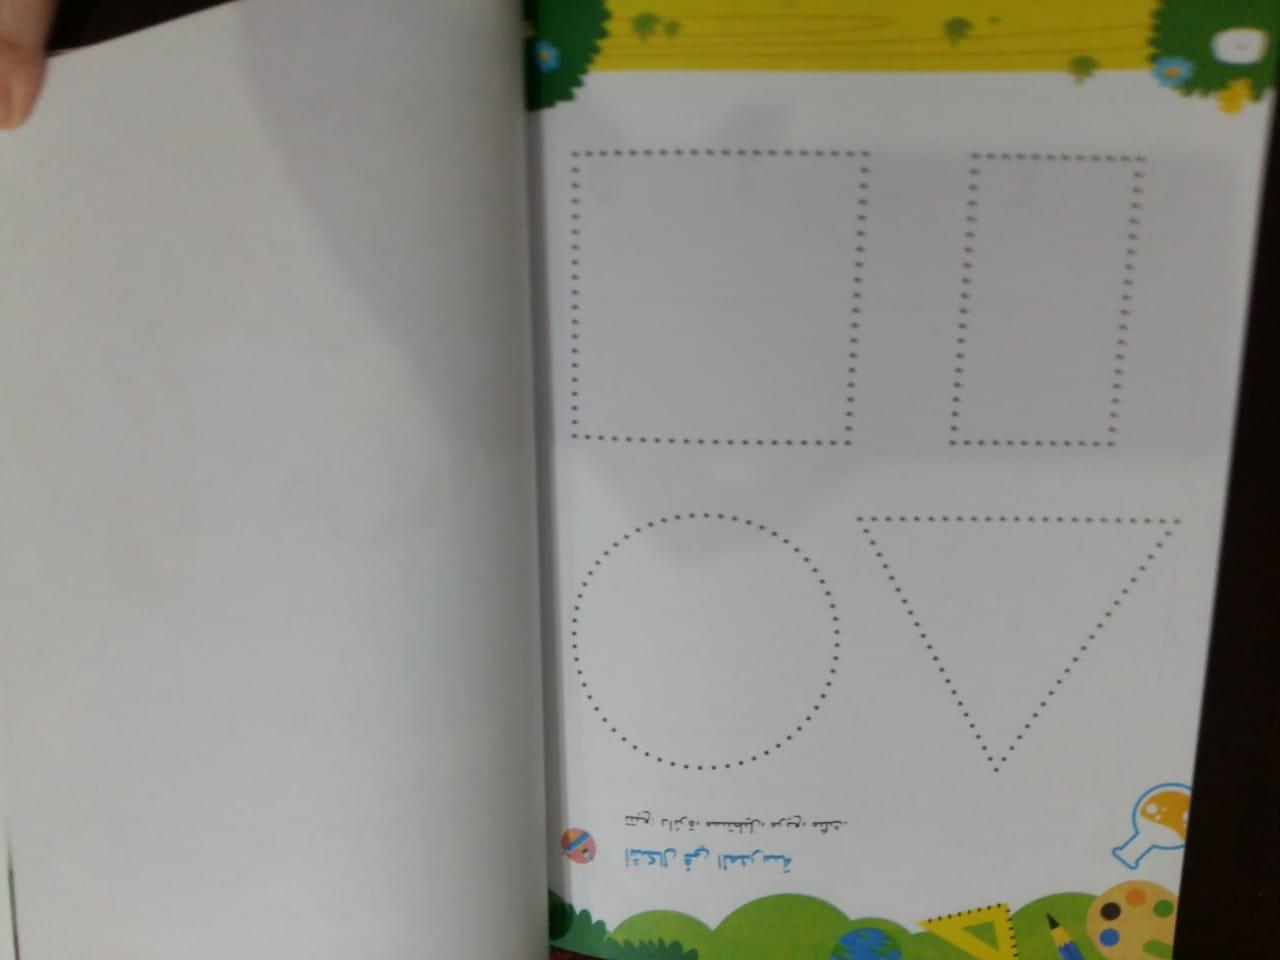 منهج رياض الأطفال الجديد (37)